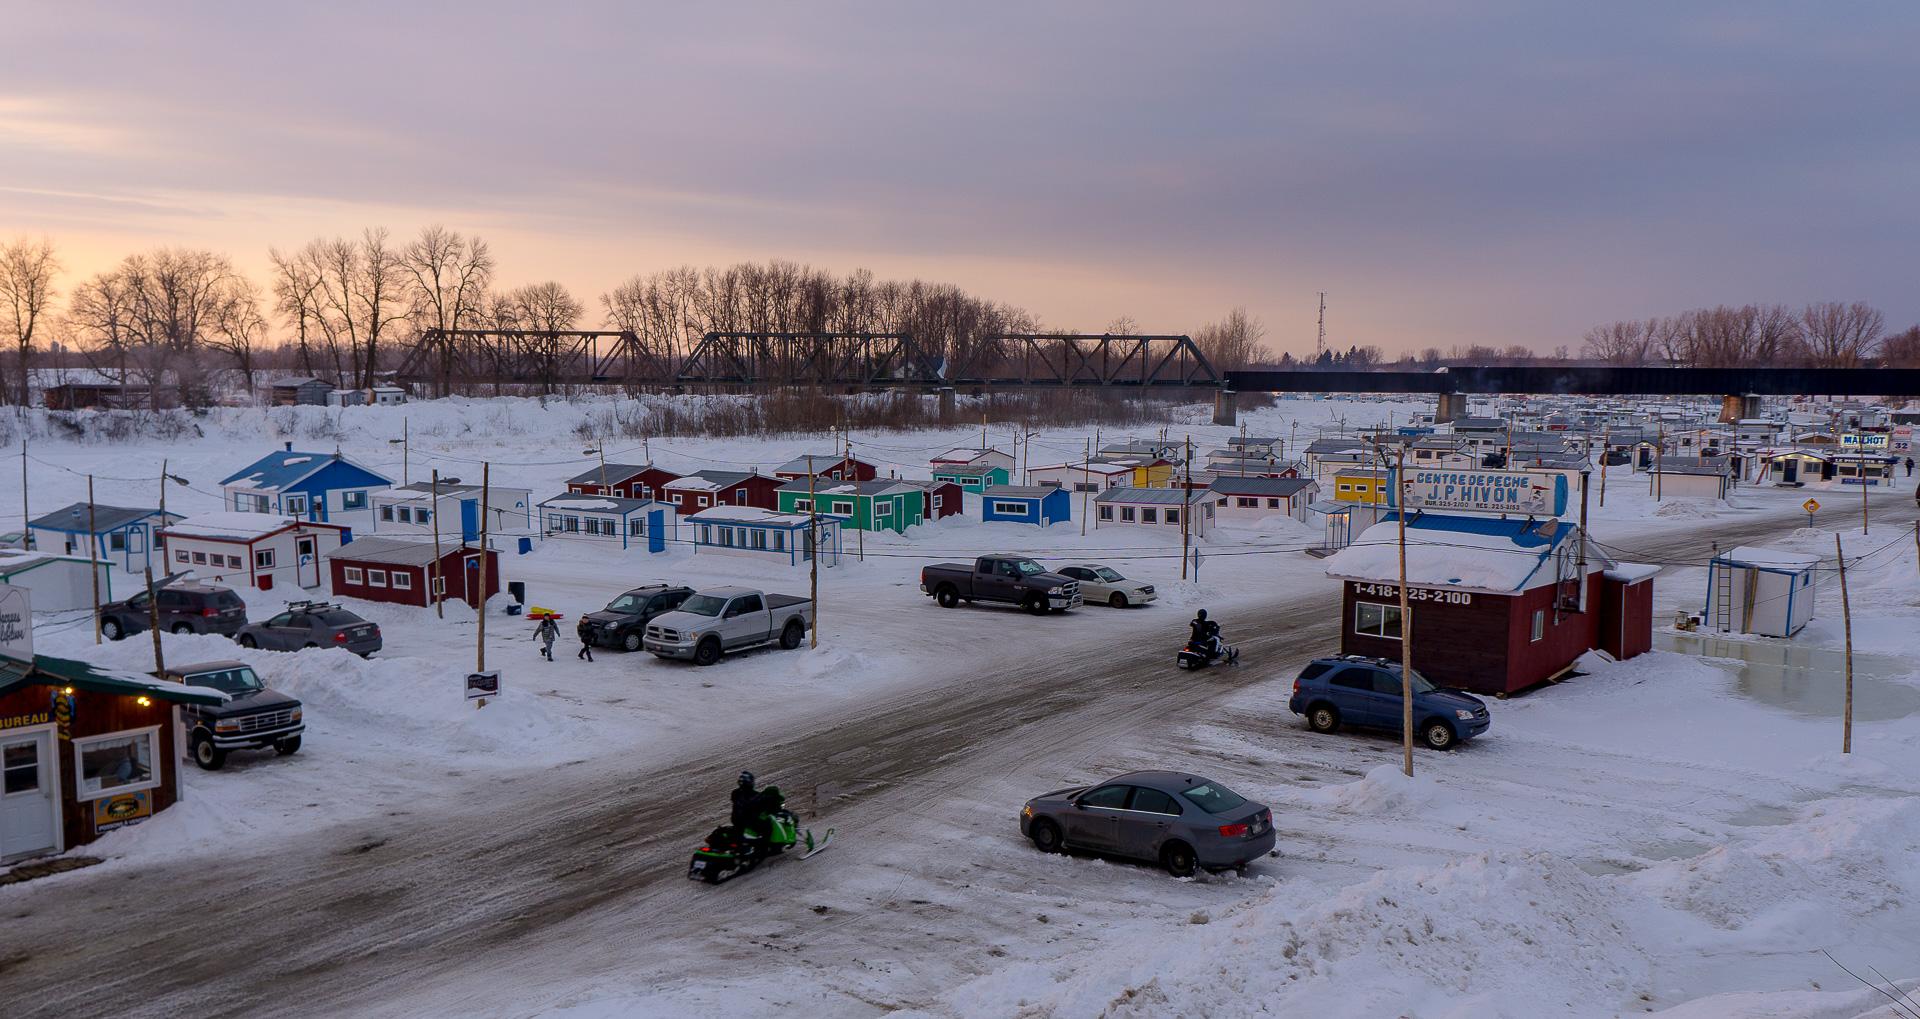 Dimanche 19 février: Pêche sur glace à Ste Anne de la Pérade, QC